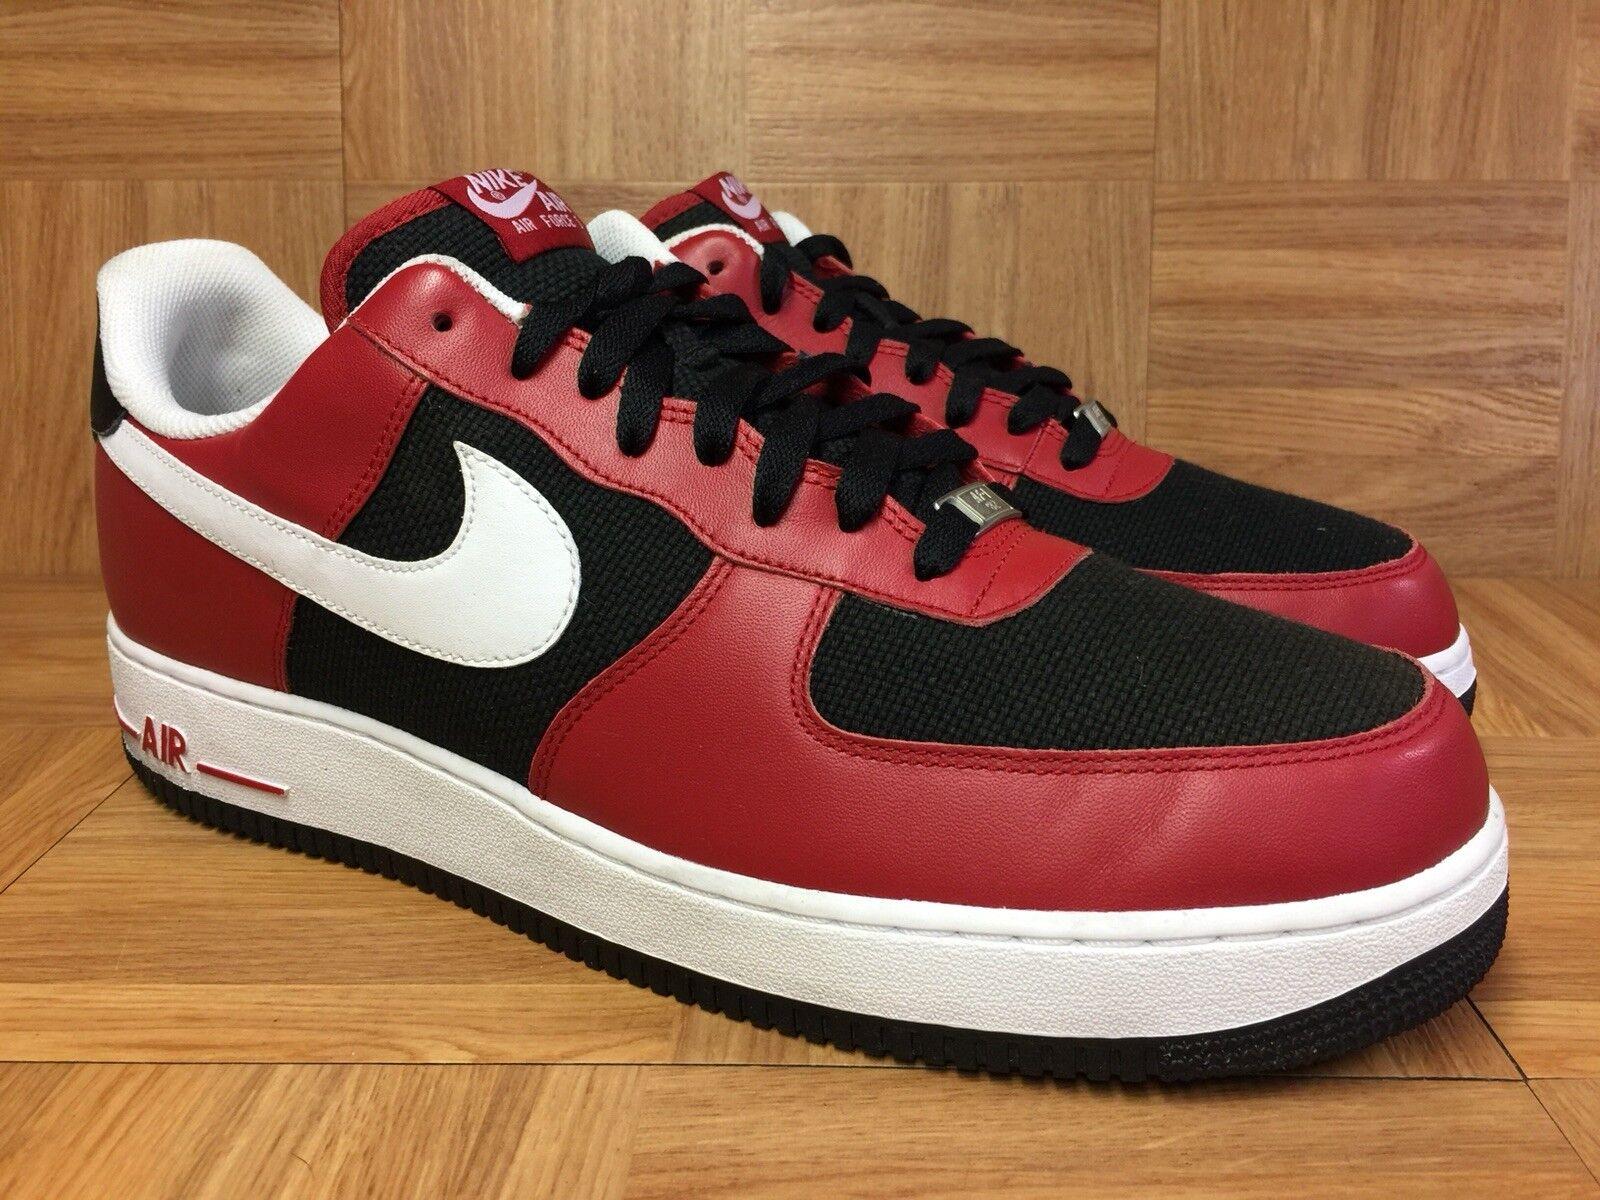 RARE Nike Air Force 1 Varsity Red Black Hemp White Bulls Sz 14 315122-600